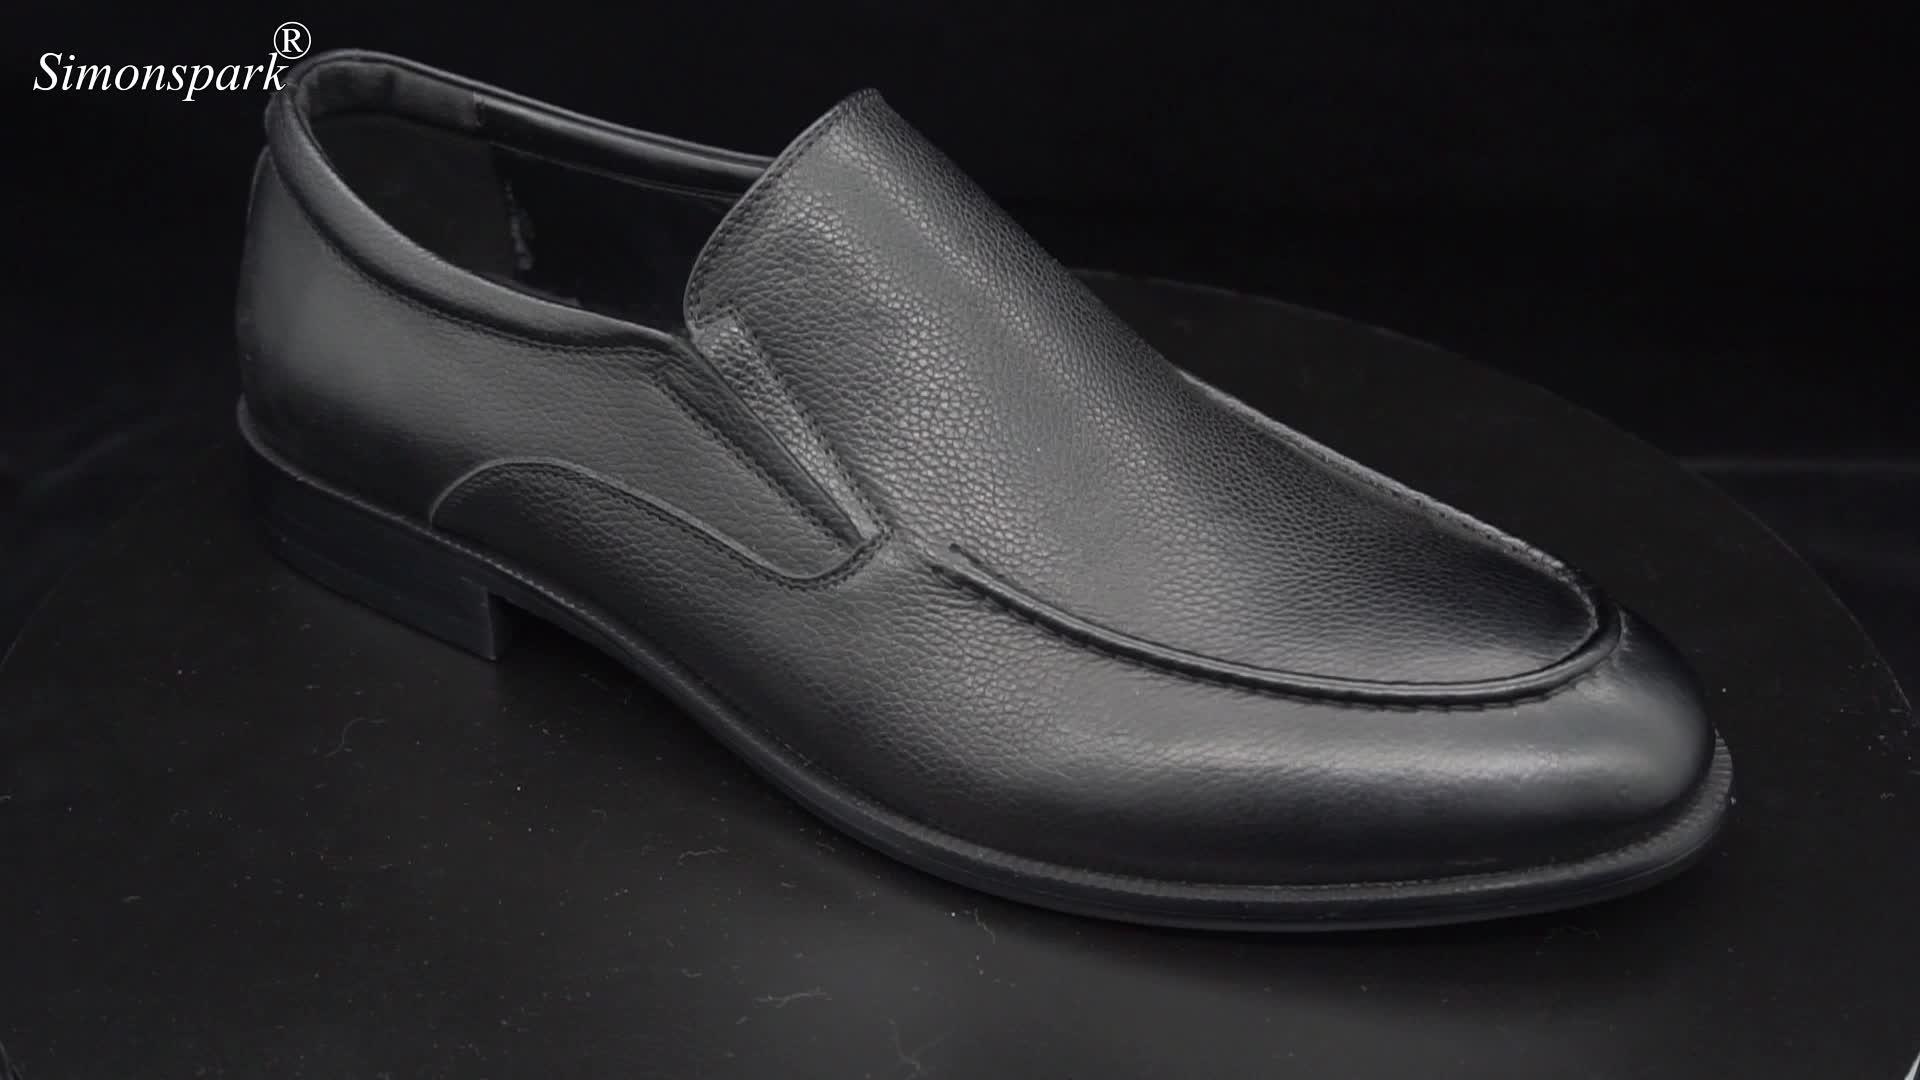 फैक्टरी मूल्य कस्टम असली लेदर mens औपचारिक पोशाक के लिए जूता व्यापार शुद्ध चमड़े के जूते पुरुषों